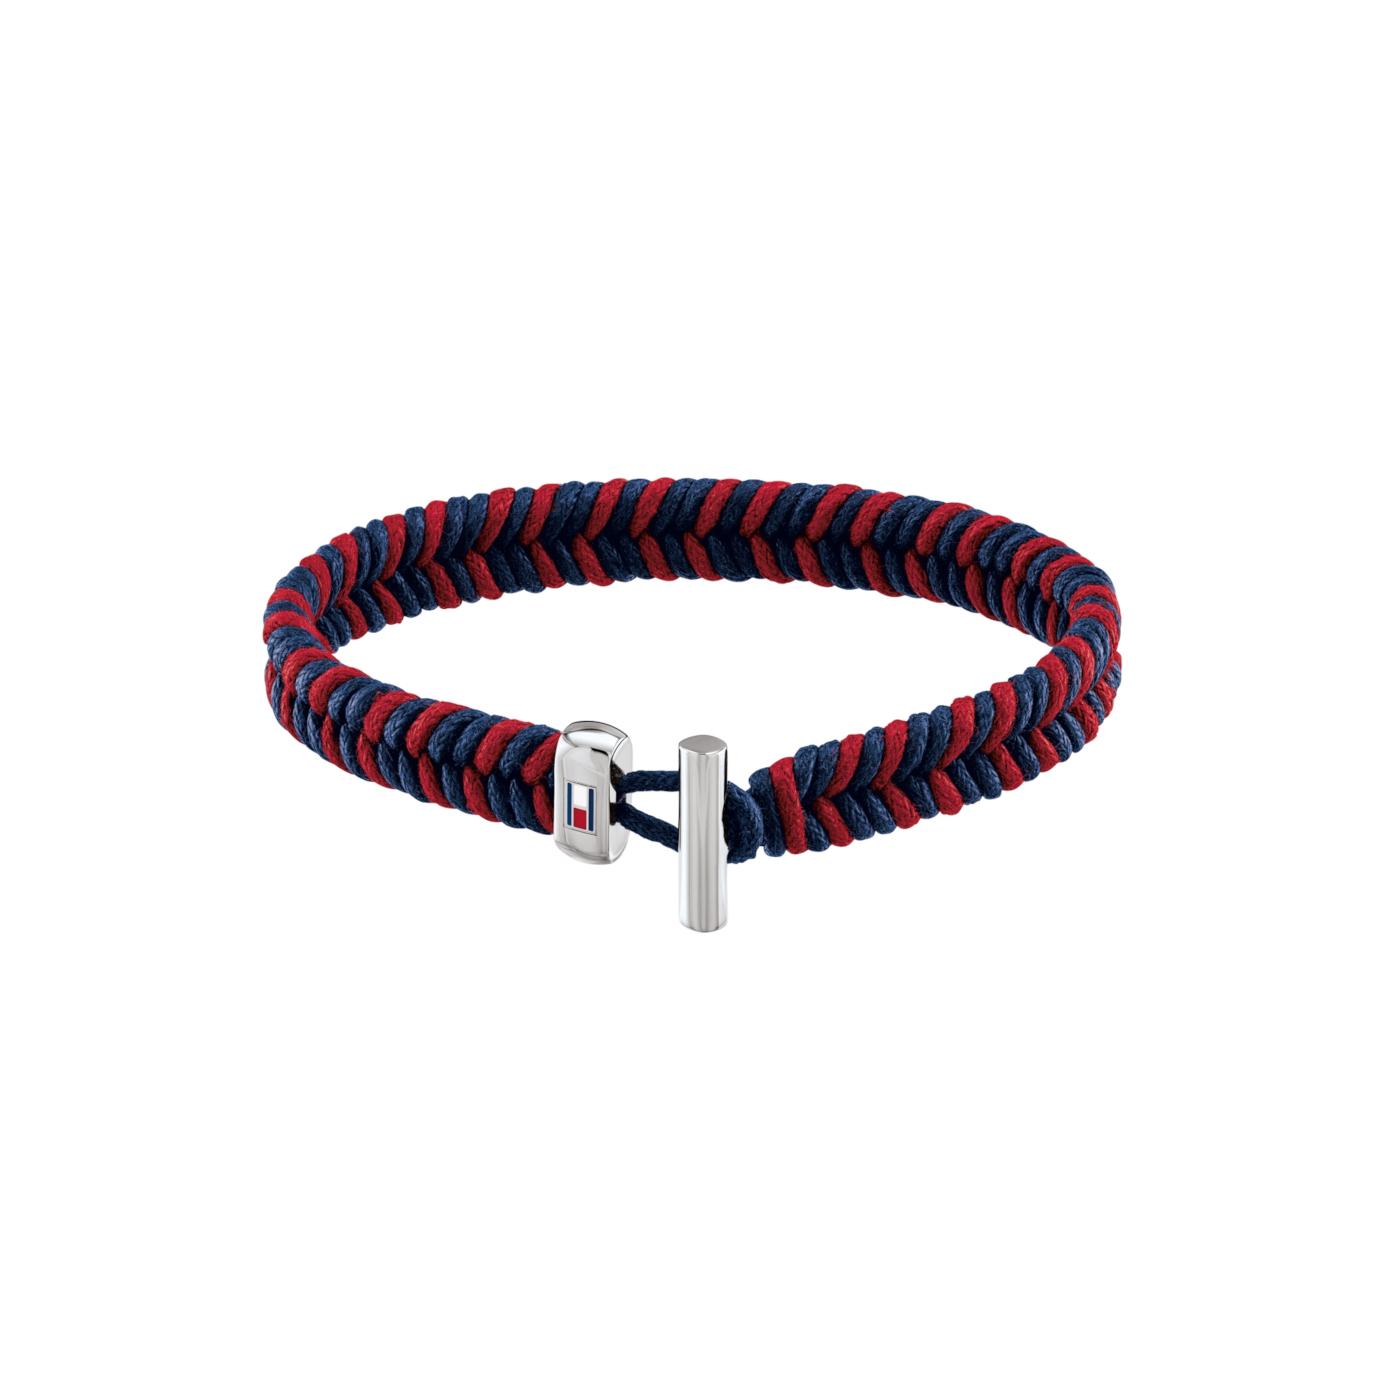 Bracelet TJ2790185 (Taille: 21 cm) - Tommy hilfiger - Modalova